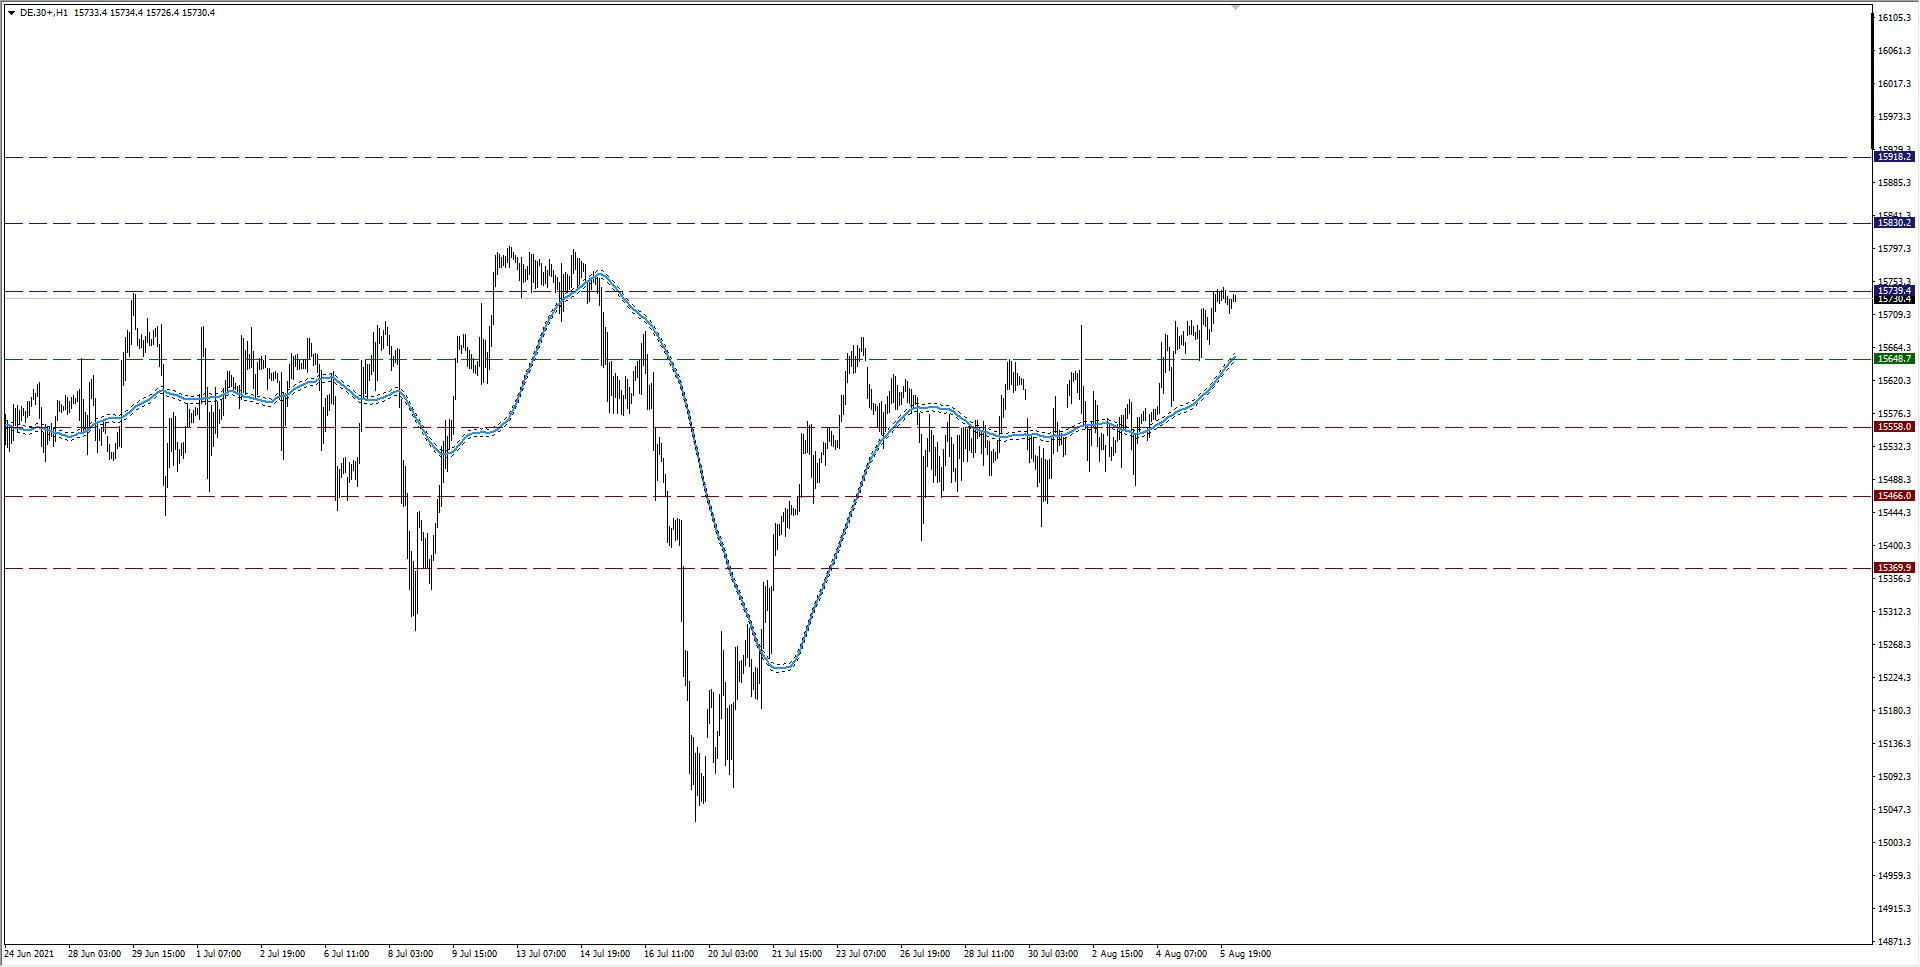 wykres Kurs DAX H1 06.08.2021